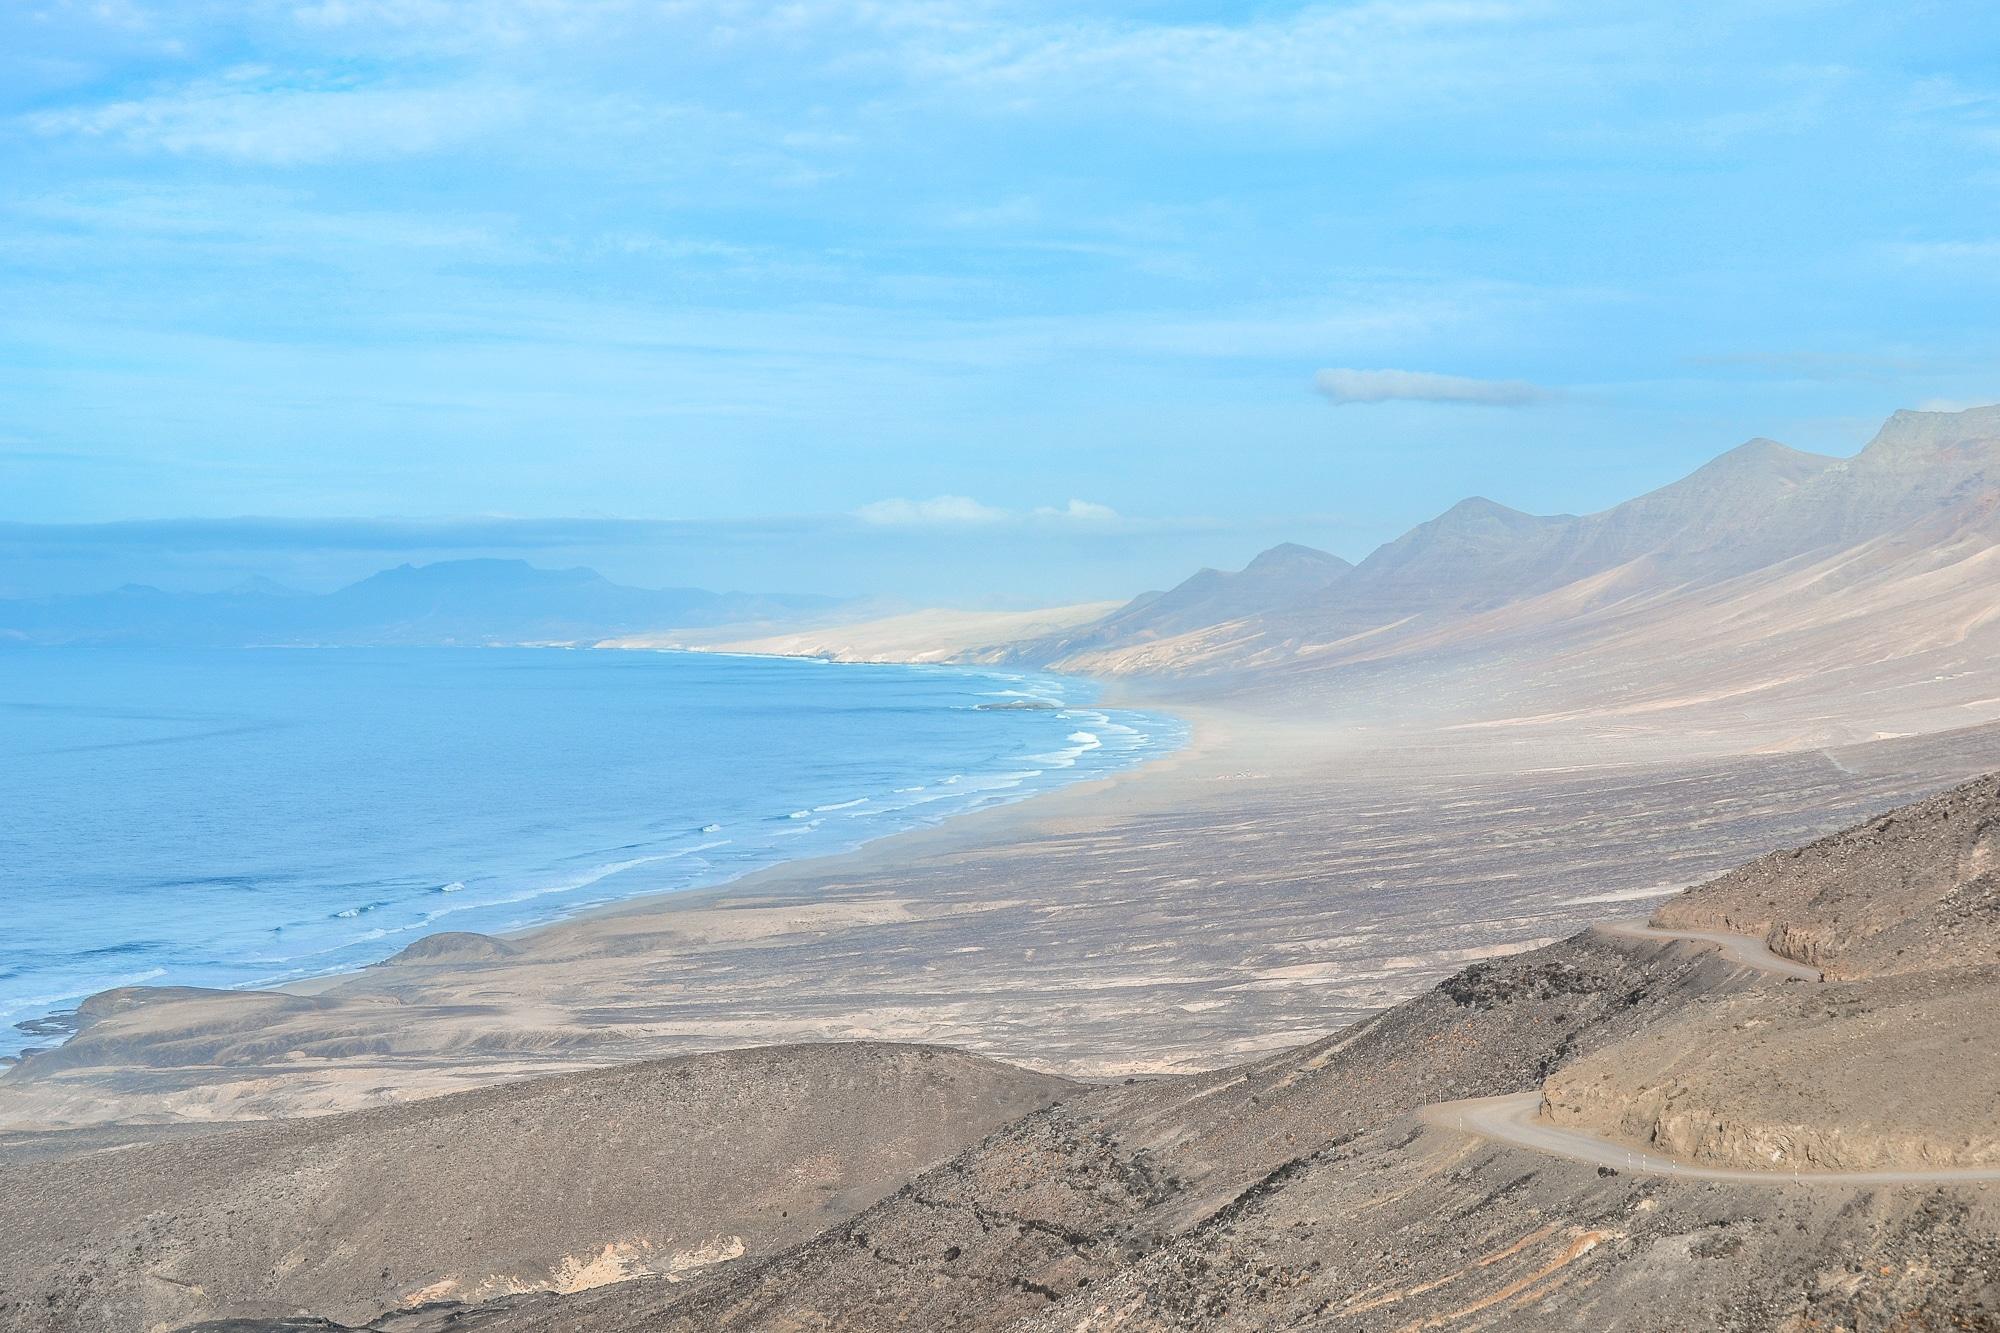 Parque natural Jandia Fuerteventura